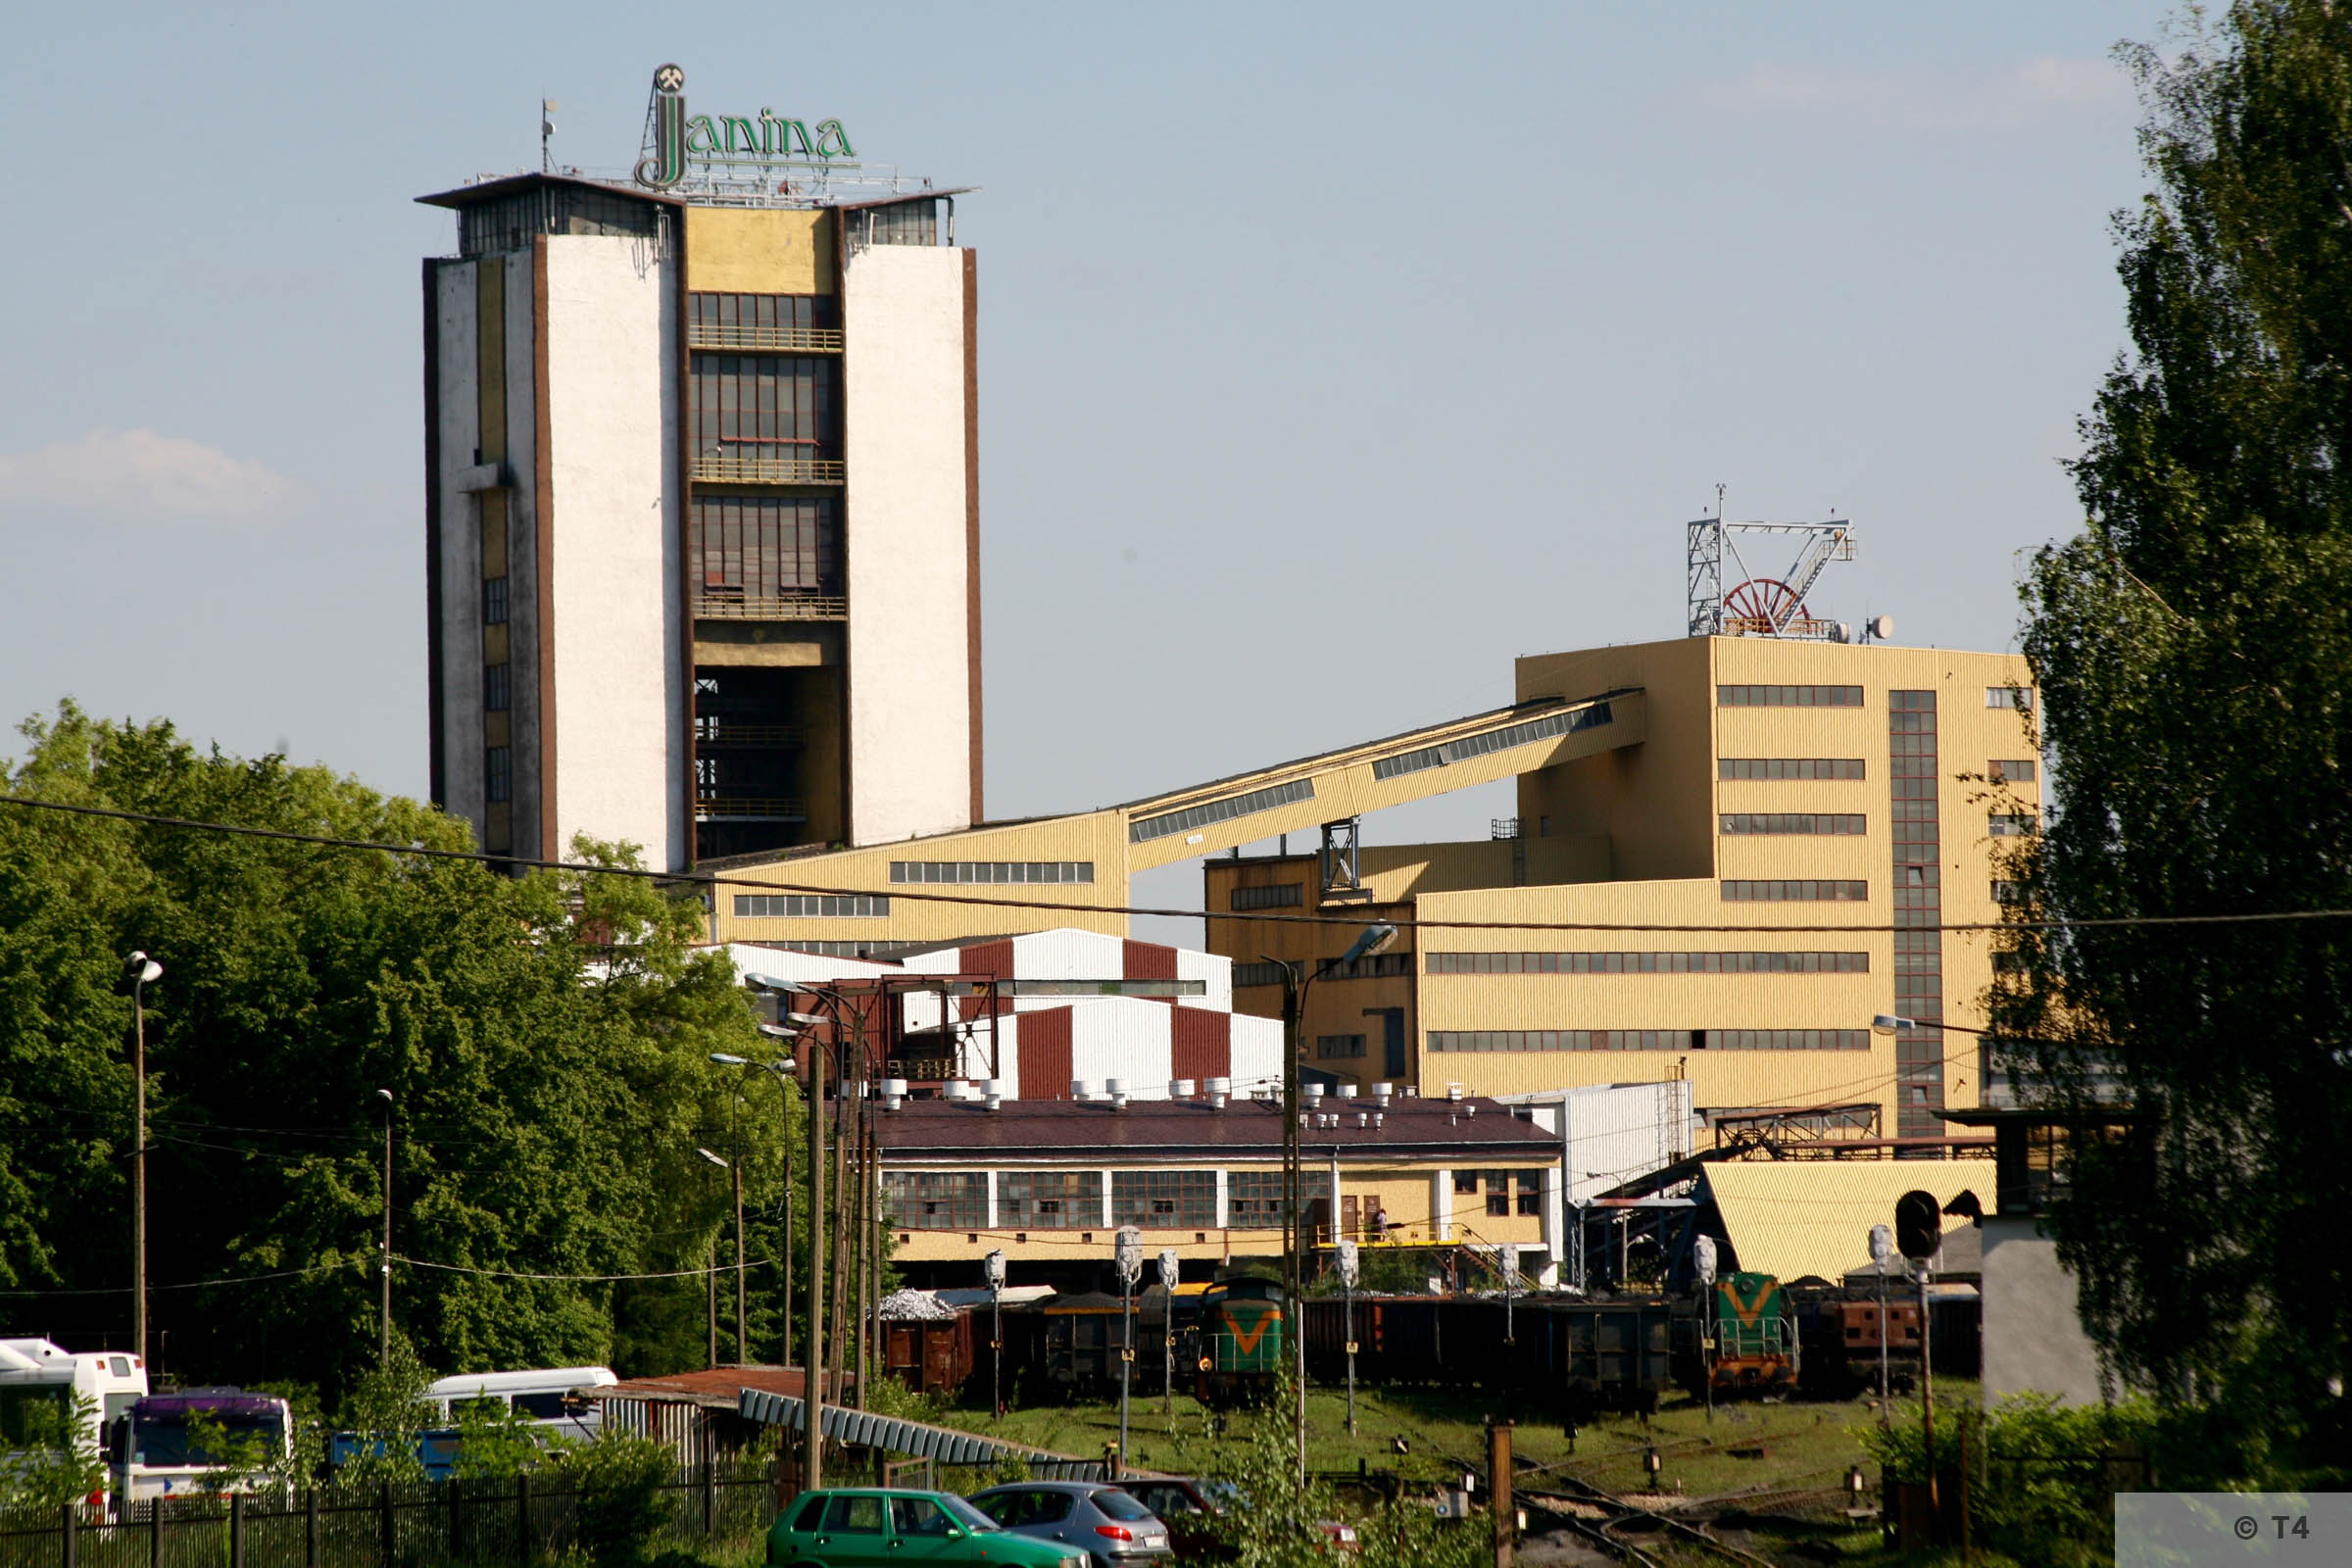 Janina mine 2006. T4 7926